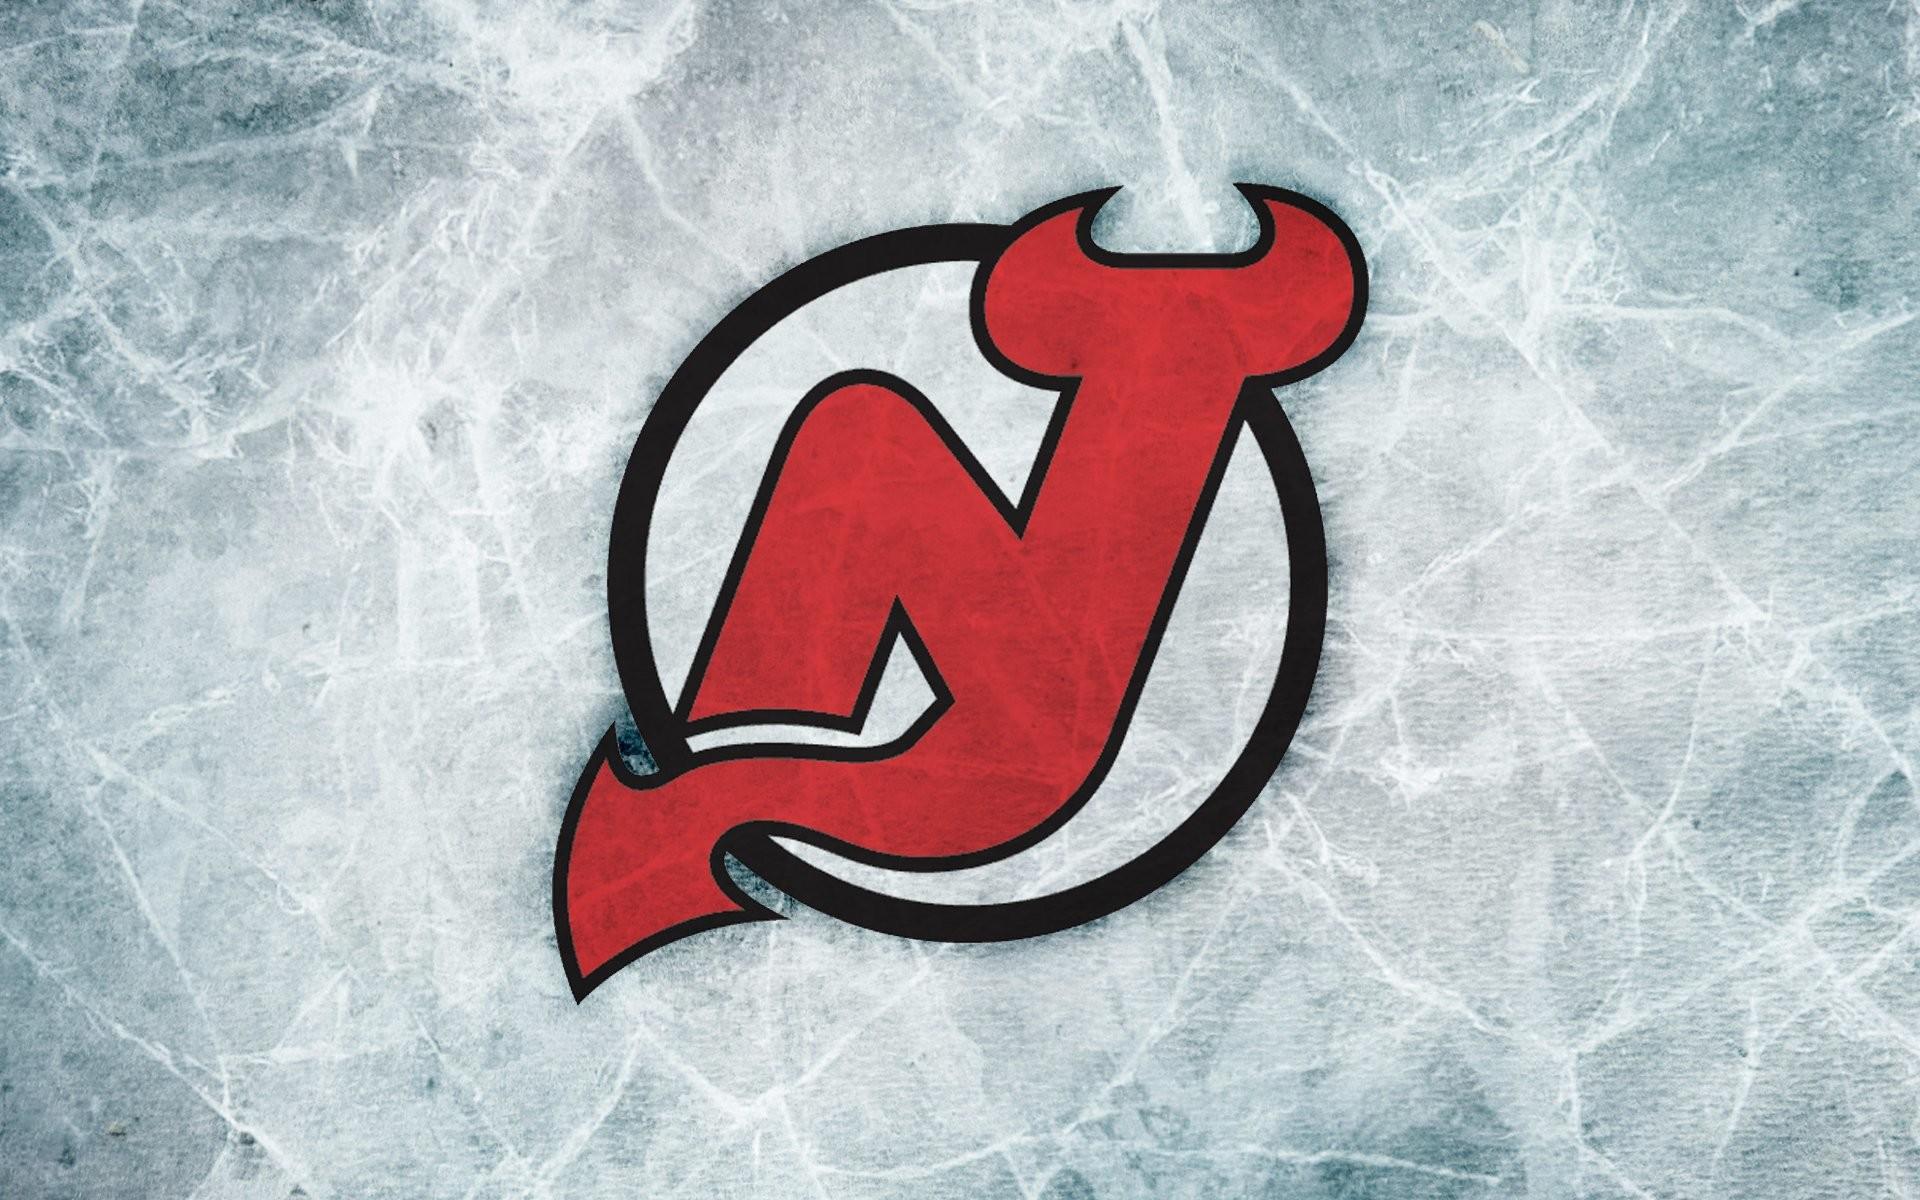 Sports – New Jersey Devils Wallpaper